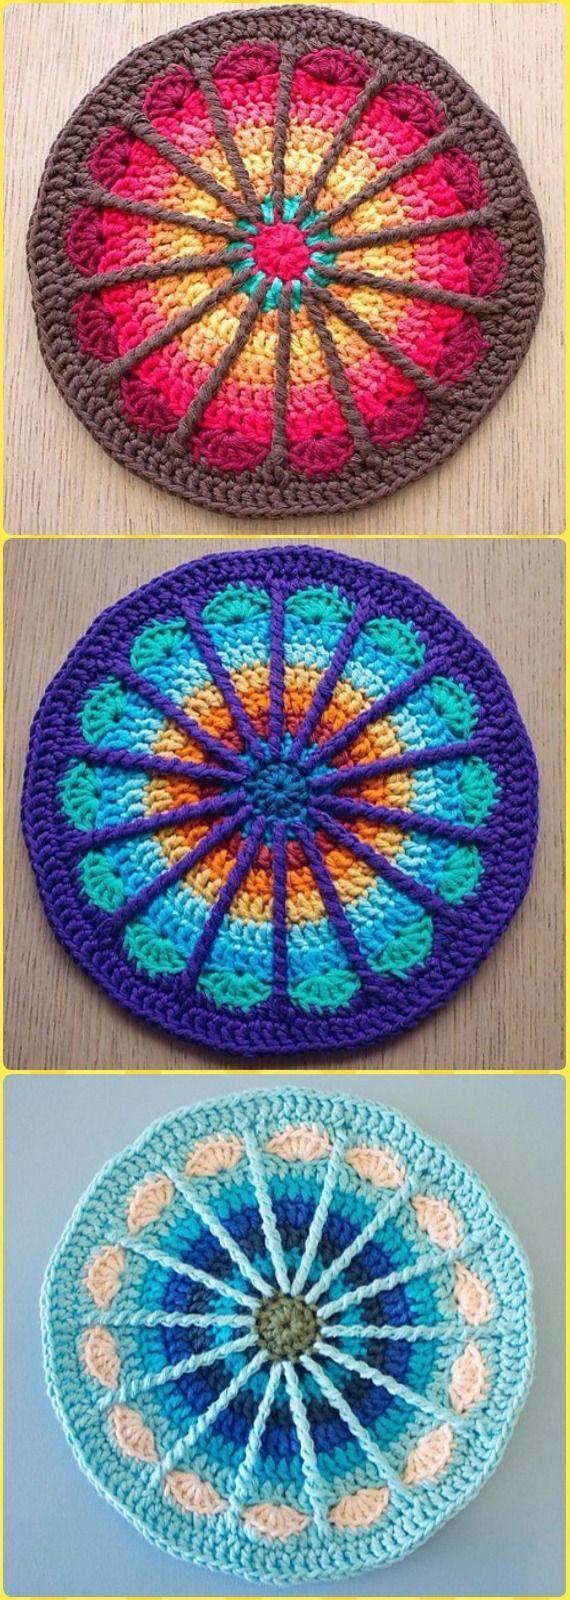 Crochet Spoke Mandala Potholder Free Pattern - Crochet Pot Holder ...